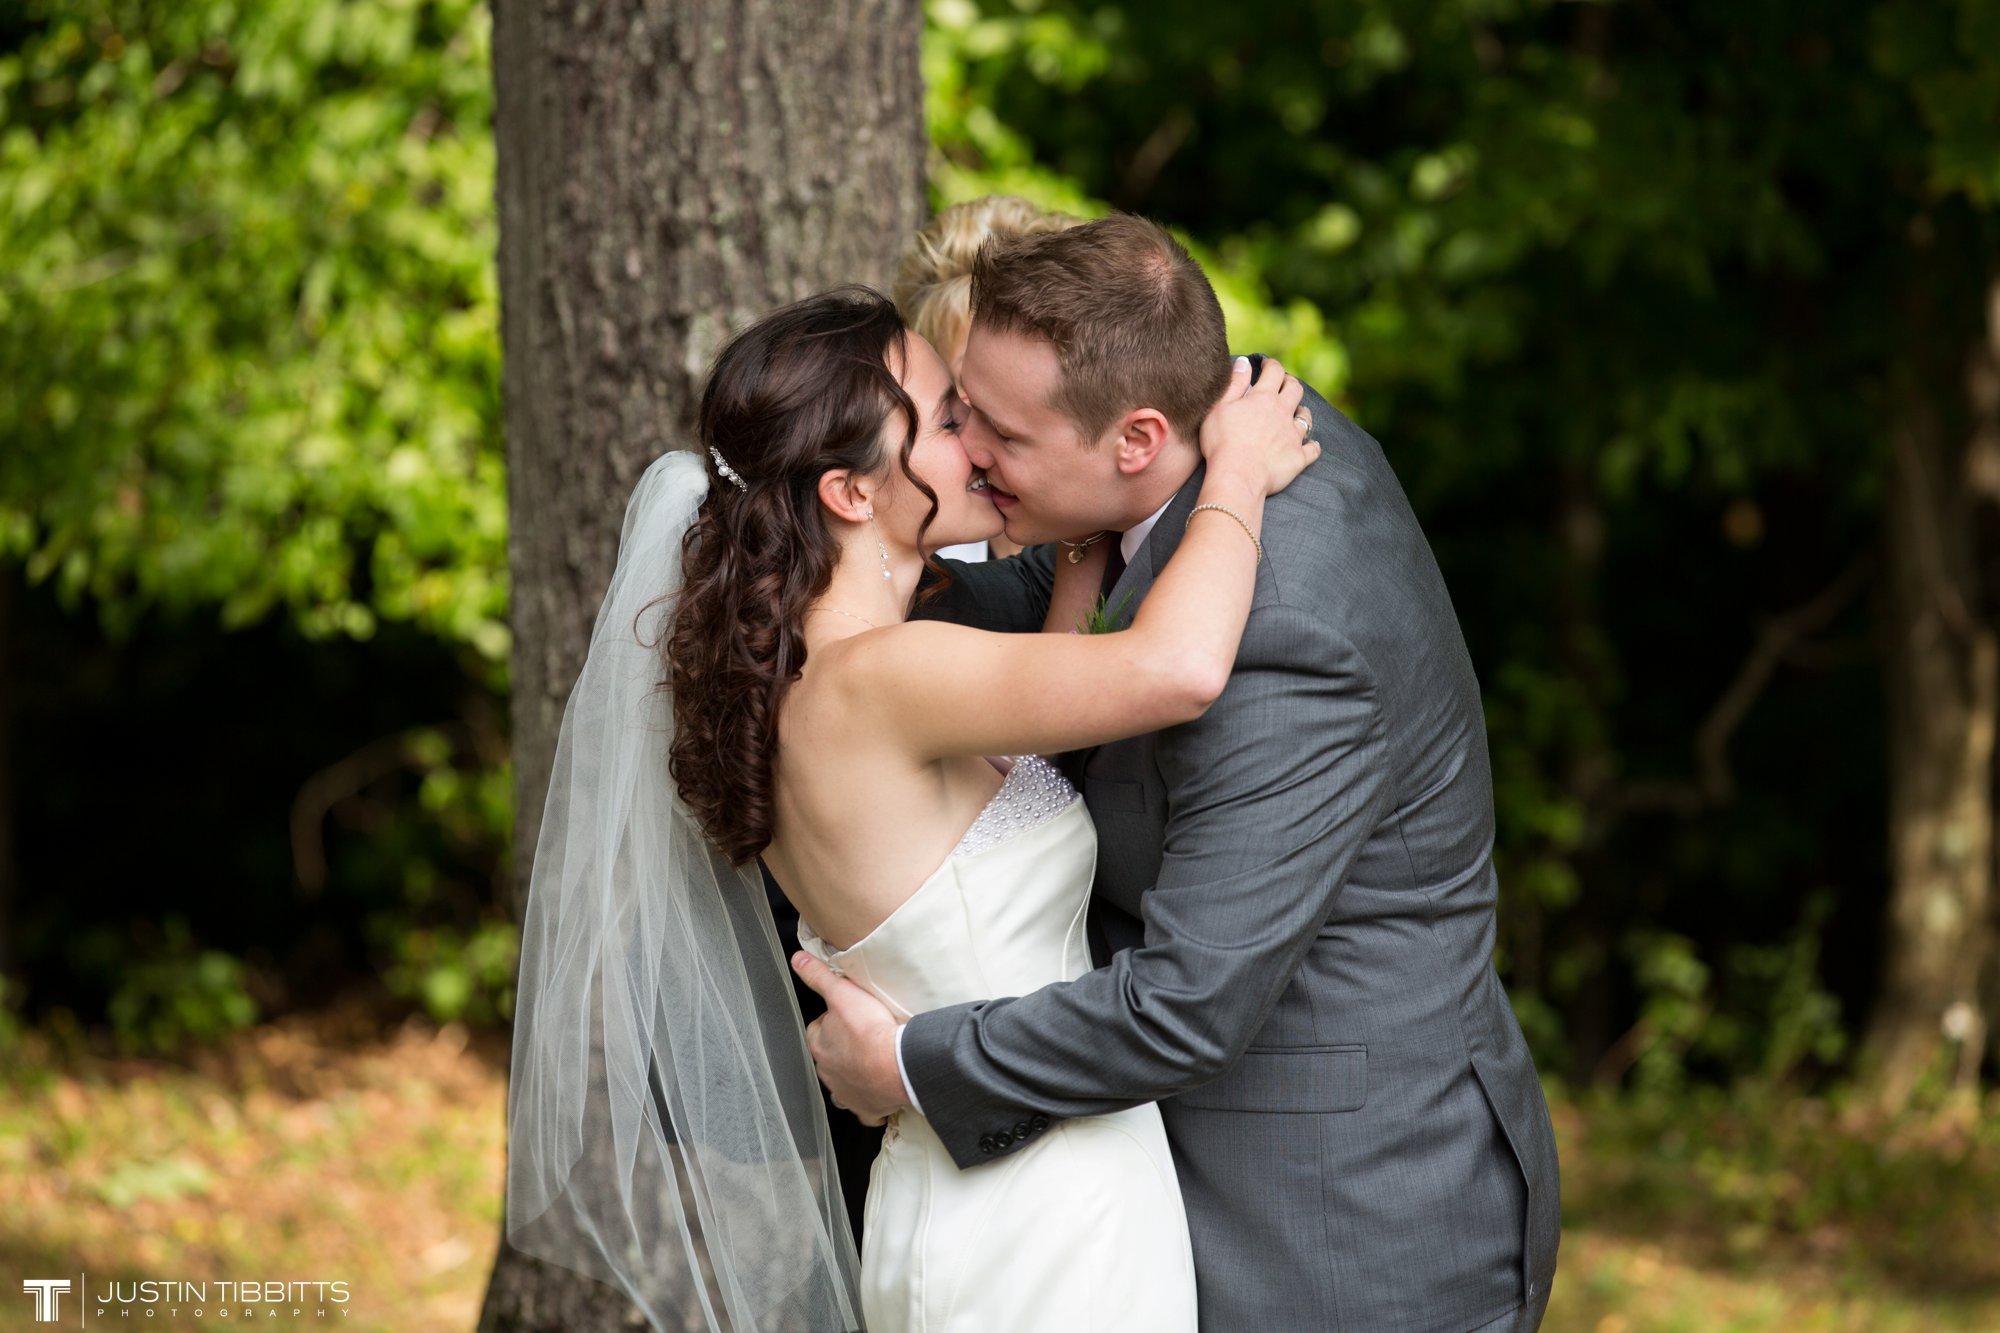 Albany NY Wedding Photographer Justin Tibbitts Photography 2014 Best of Albany NY Weddings-3021337621